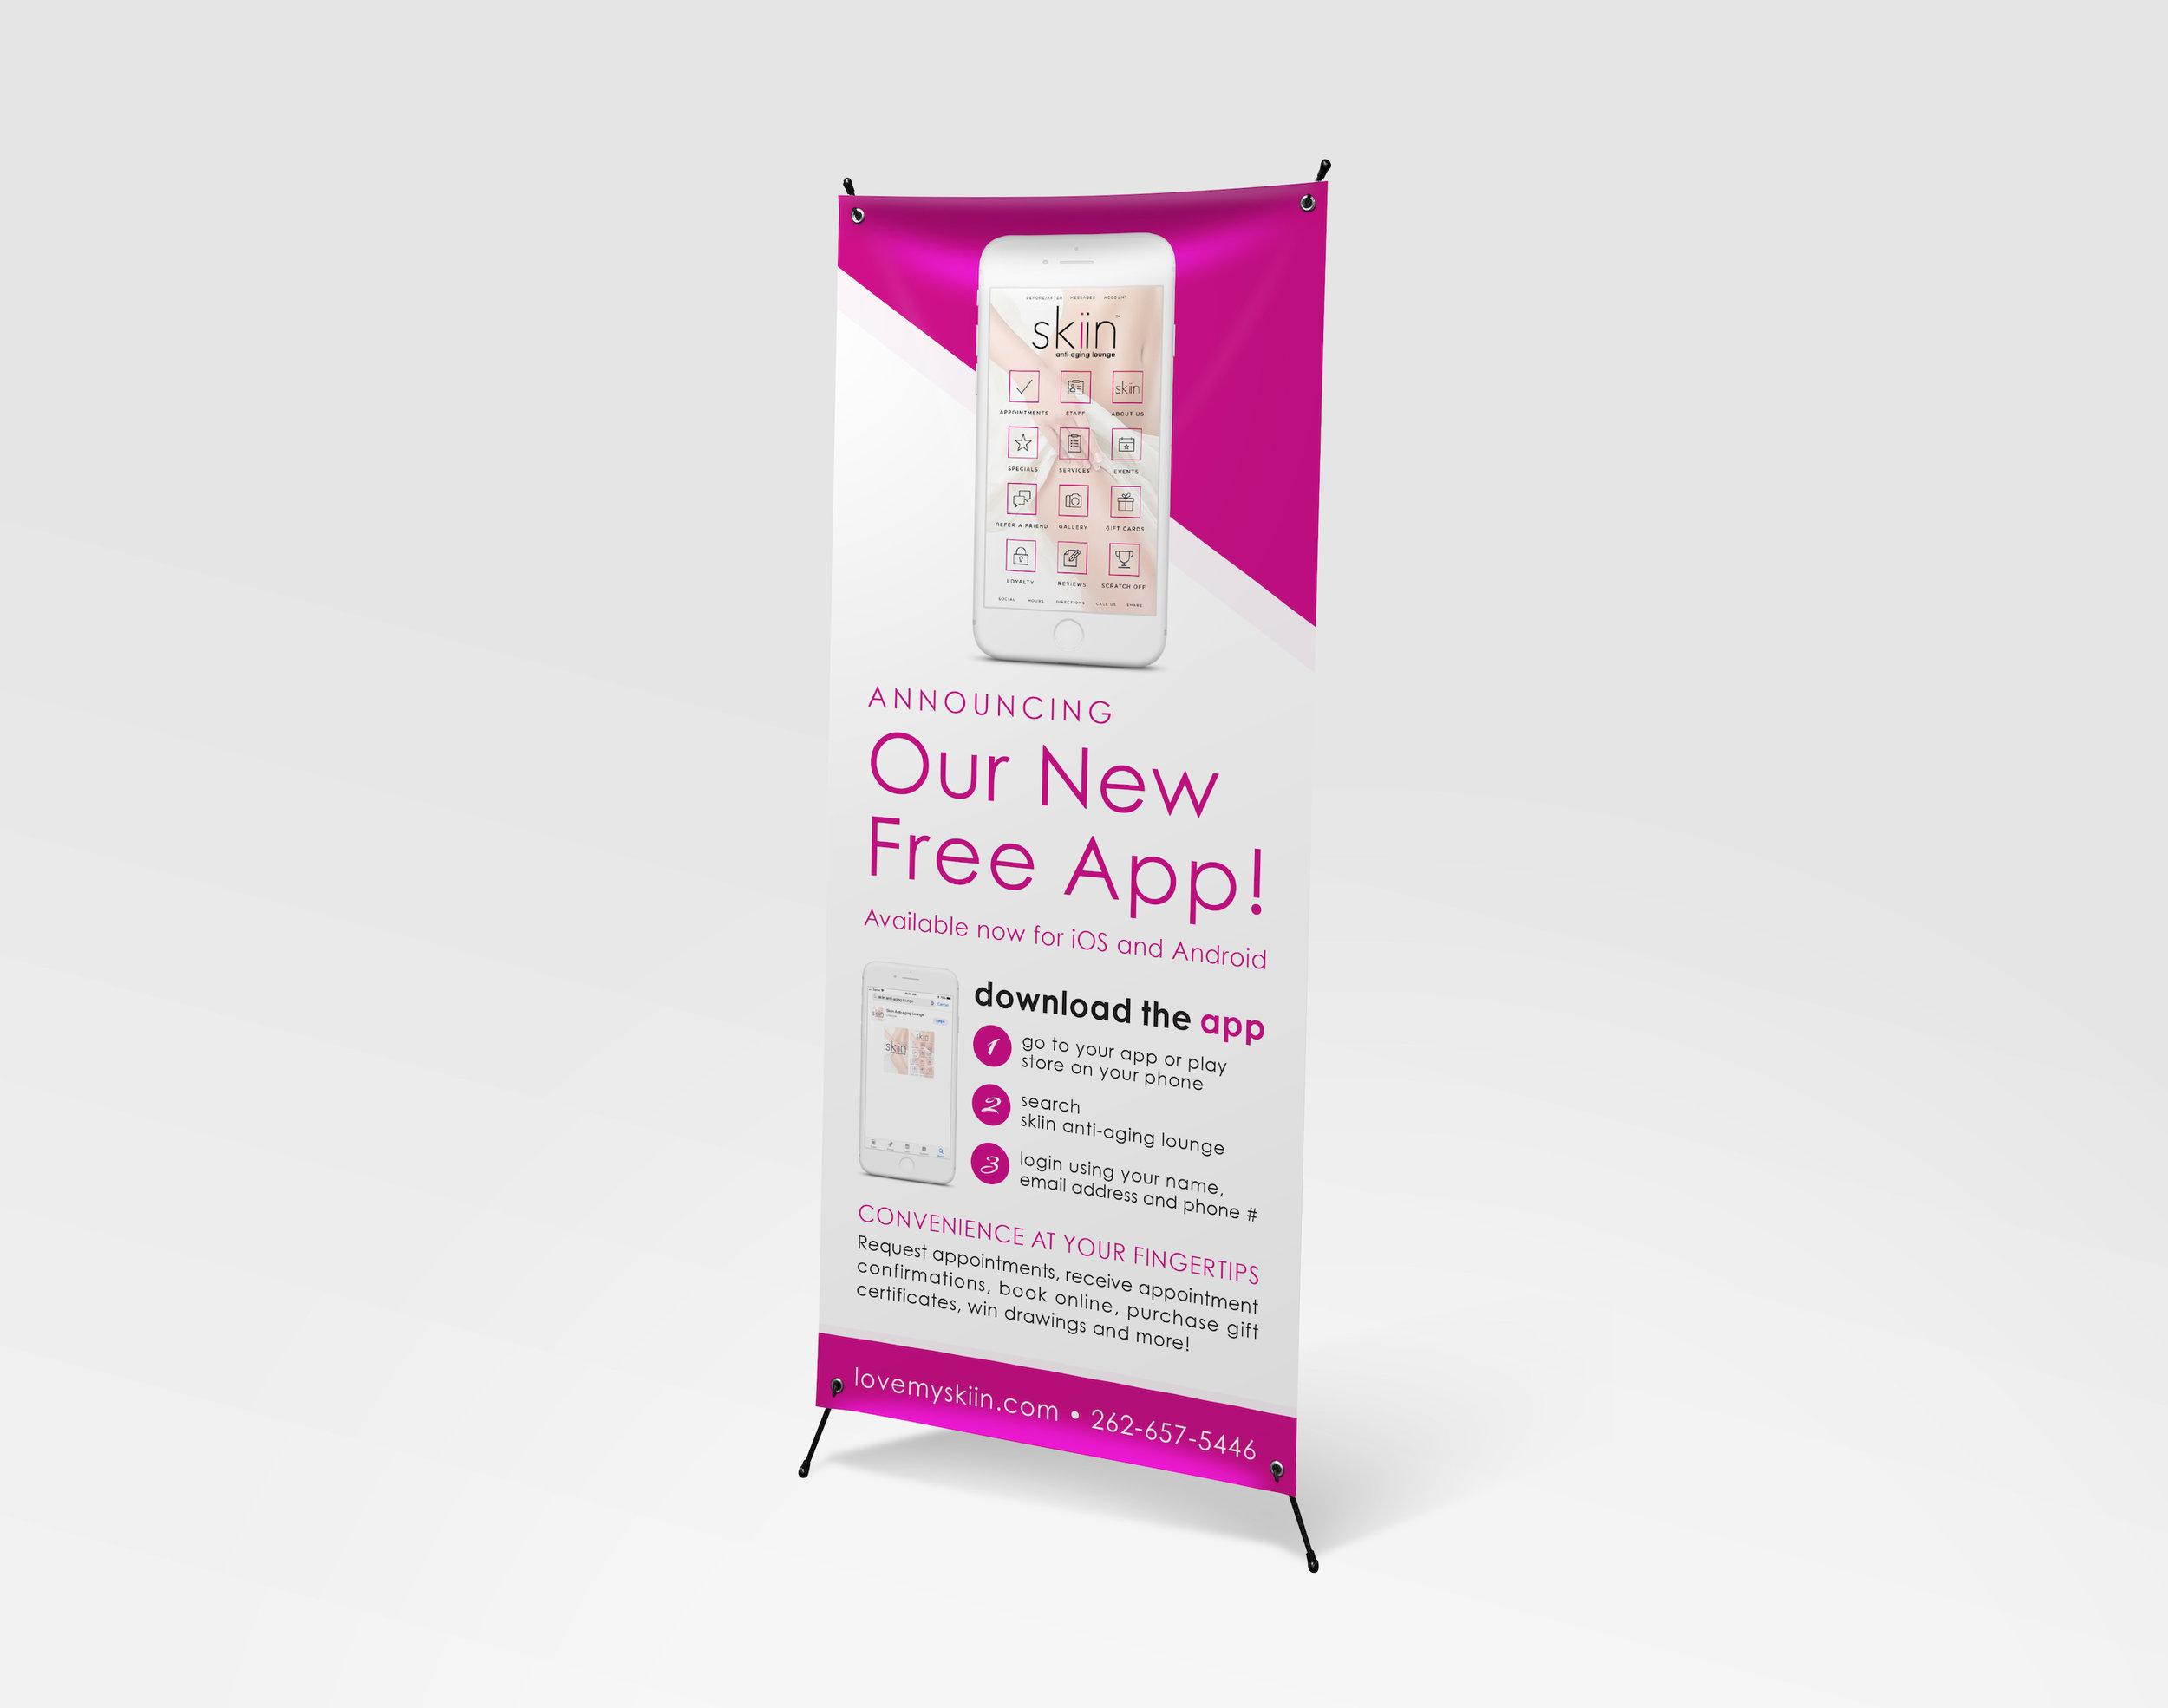 Golden-Antler-Design-Milwaukee-Web-Branding-Marketing-Skiin-Anti-Aging-Lounge-Banner-Printing